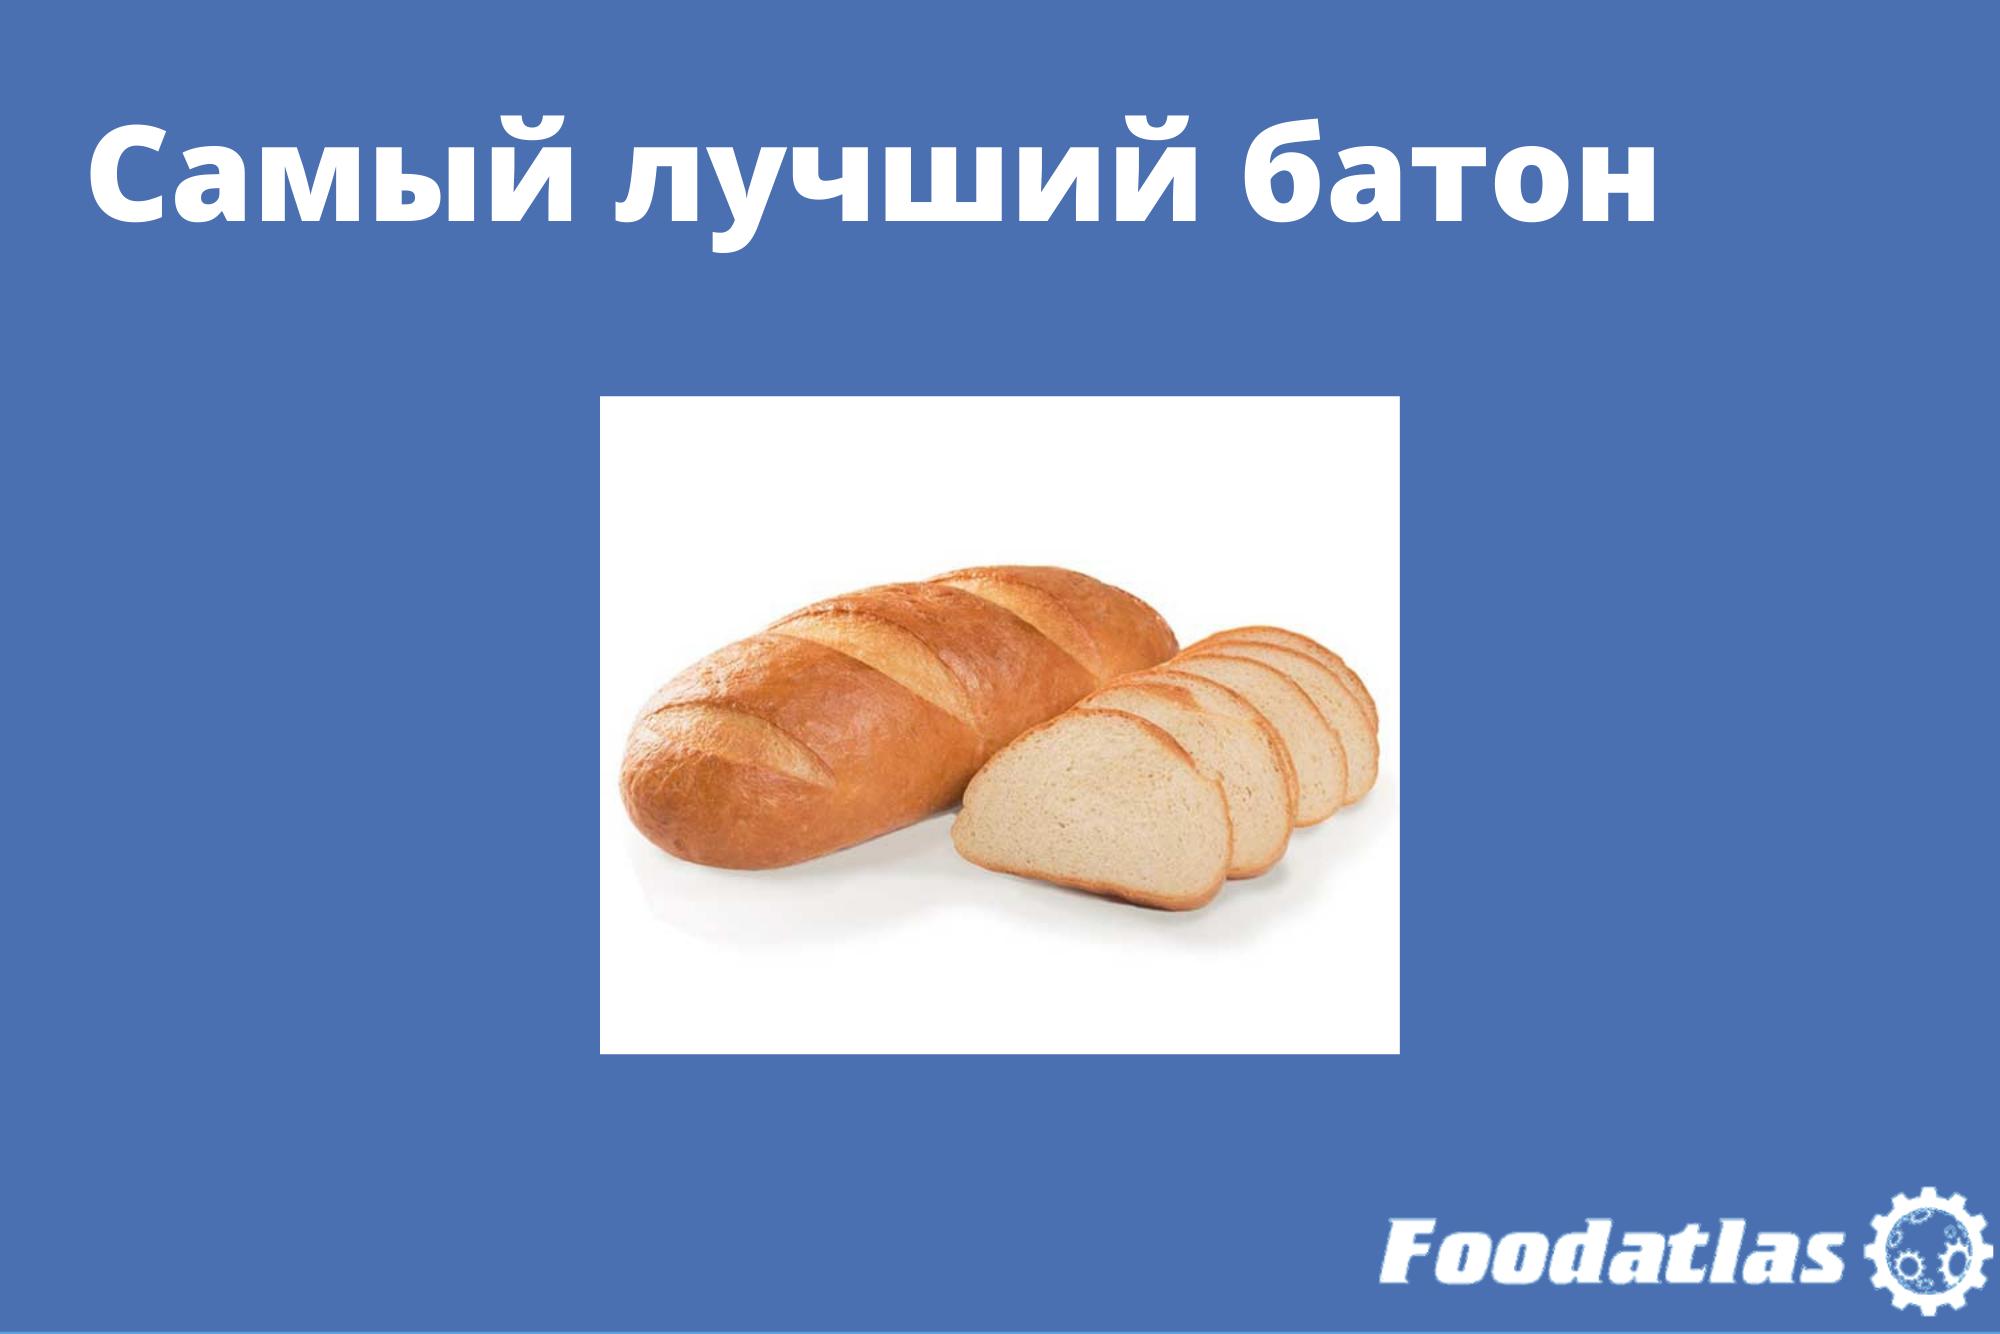 В Санкт-Петербурге выбрали самый качественный хлеб